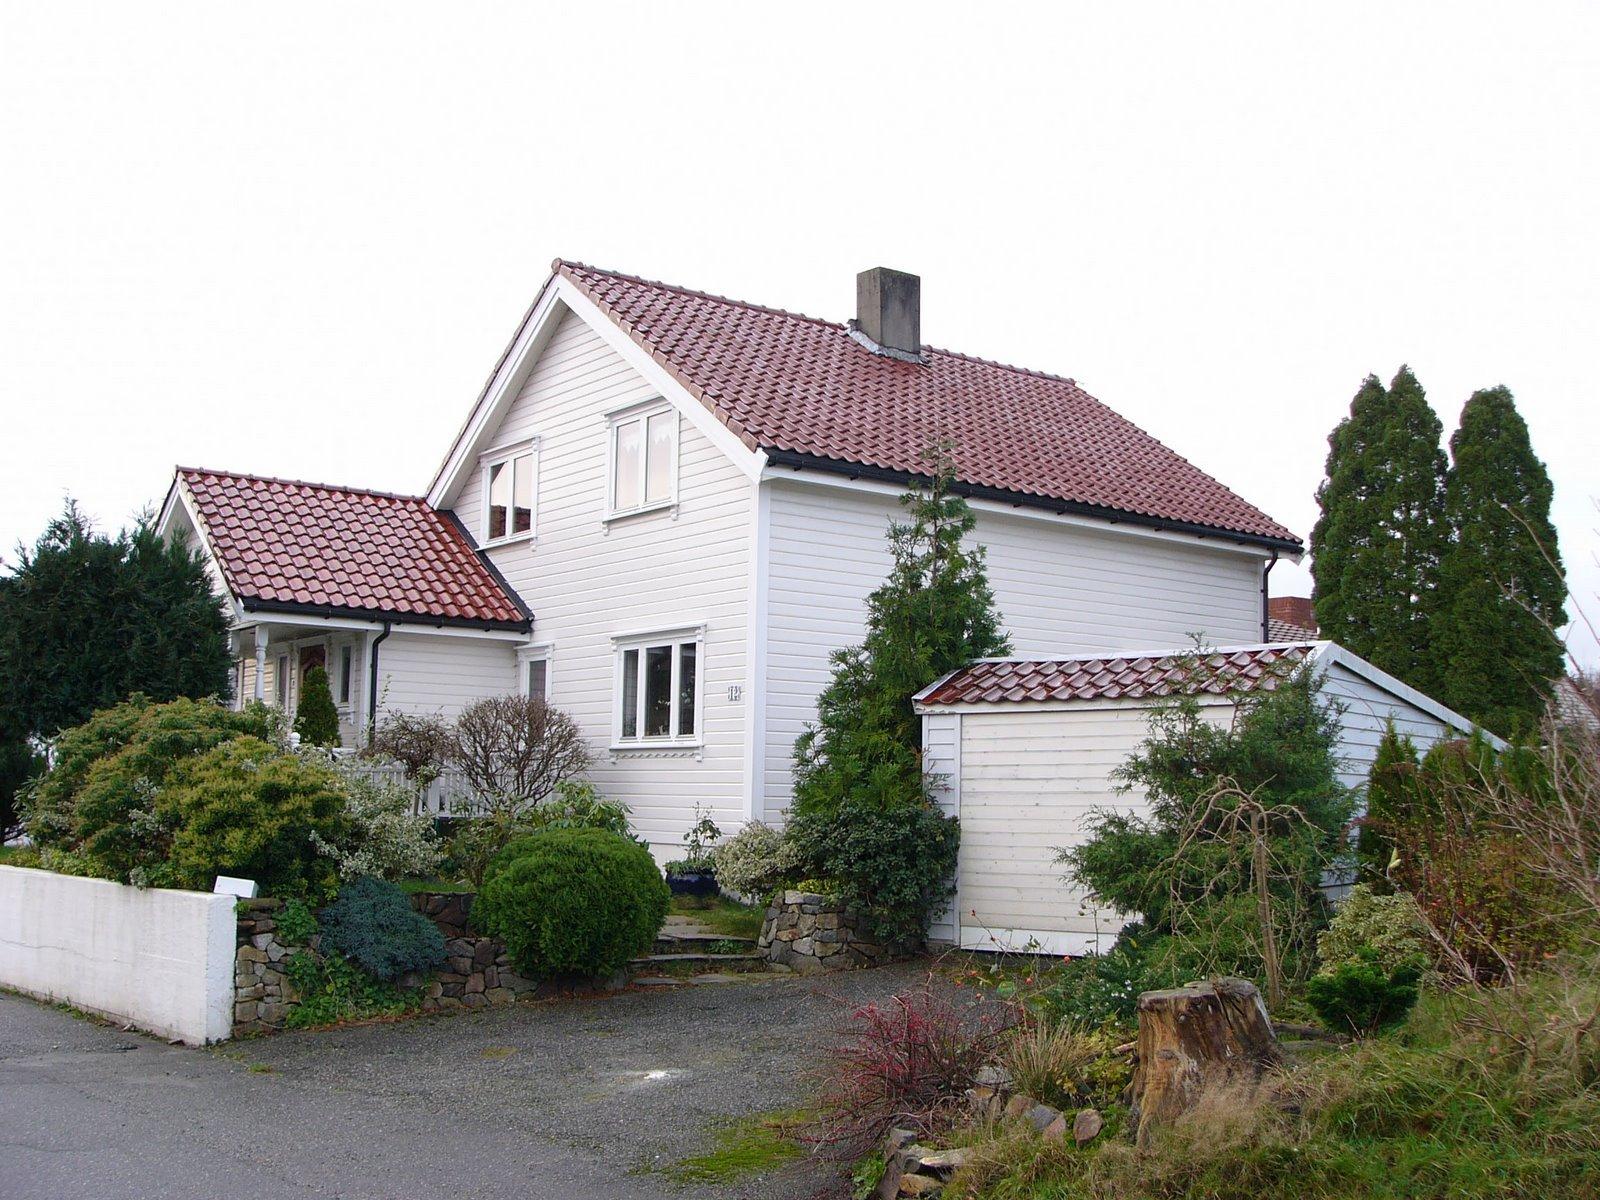 Ver fotos de casas bonitas escoja y vote por sus fotos de for Ver fachada de casas modernas